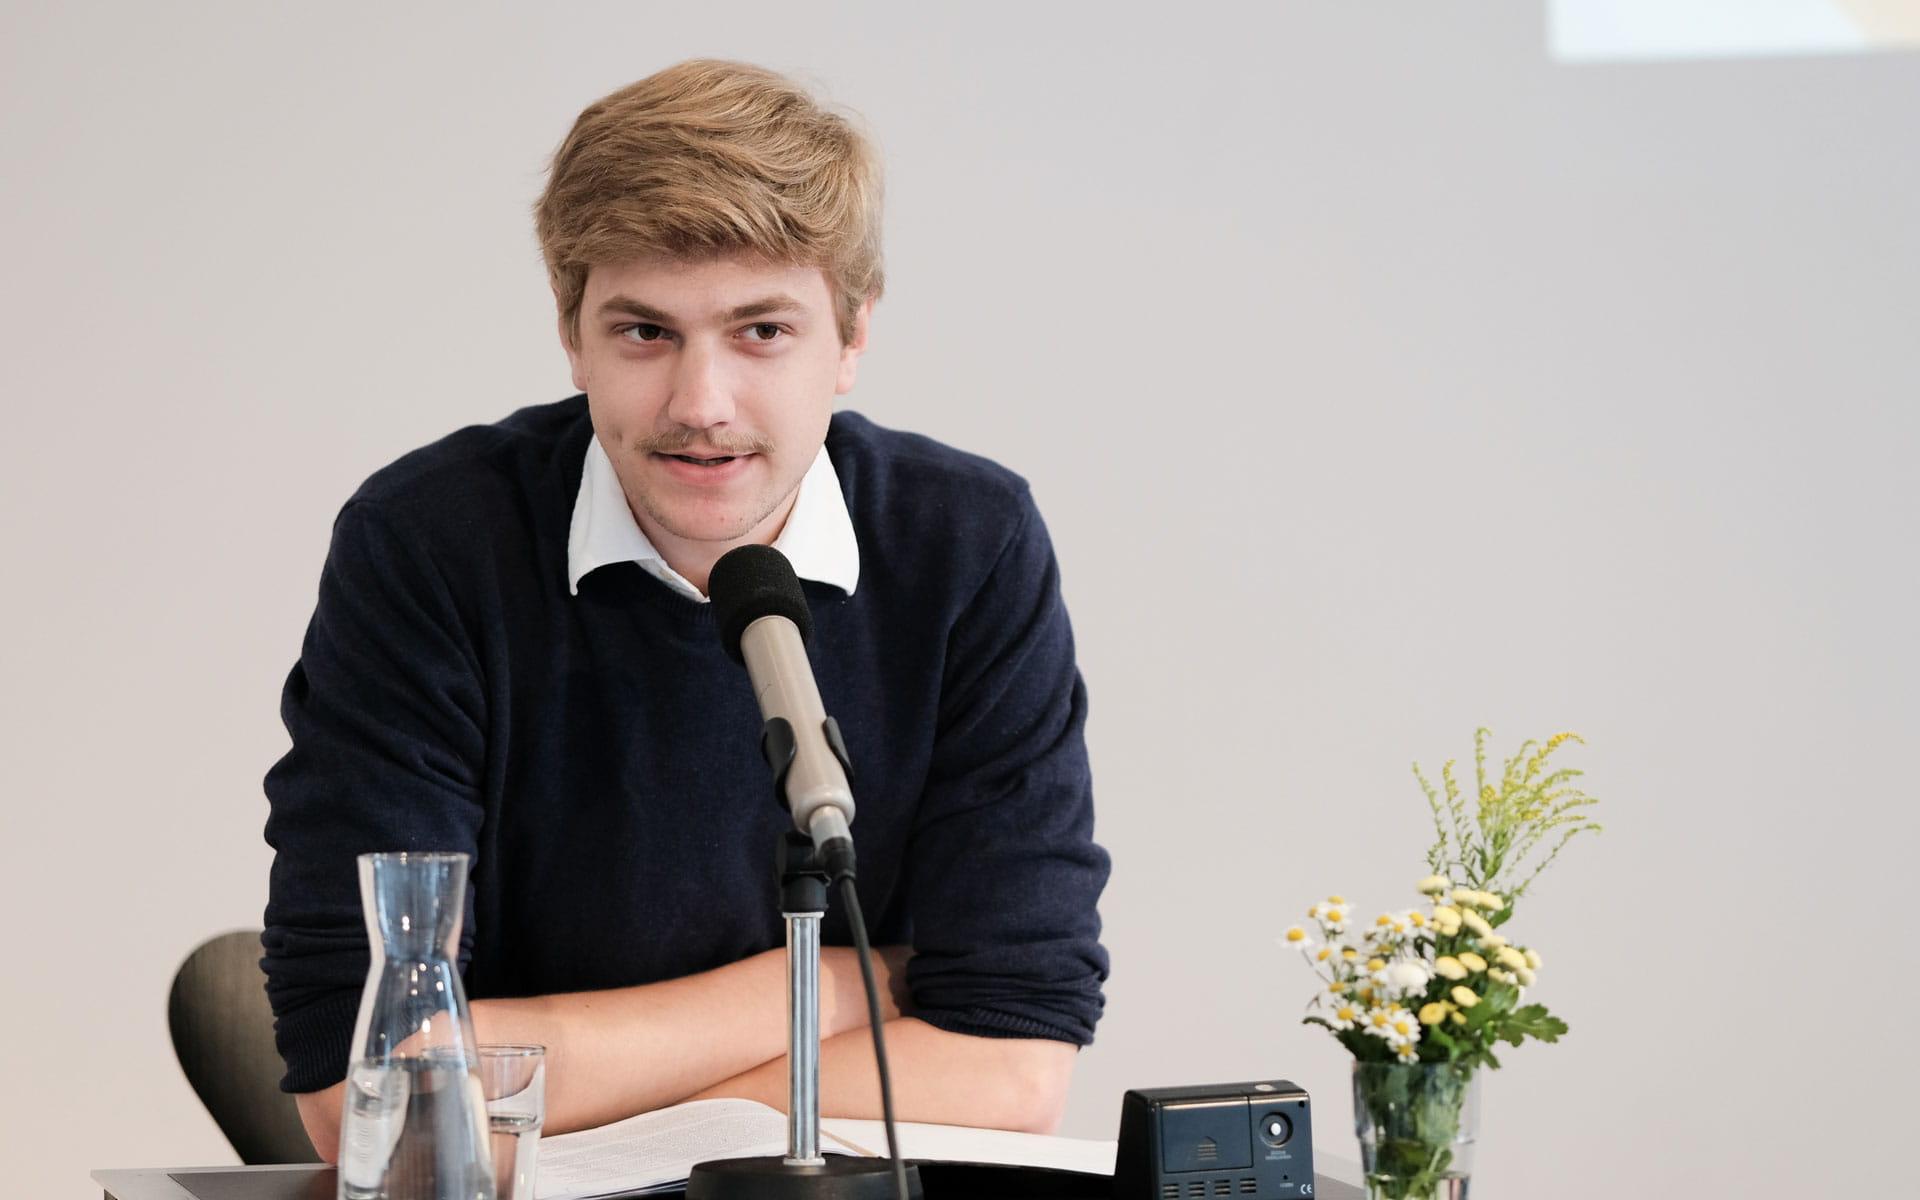 Essbare Wildpflanzen für Einsteiger von Margot Fischer <br/>(c) Sebastian Wenzel